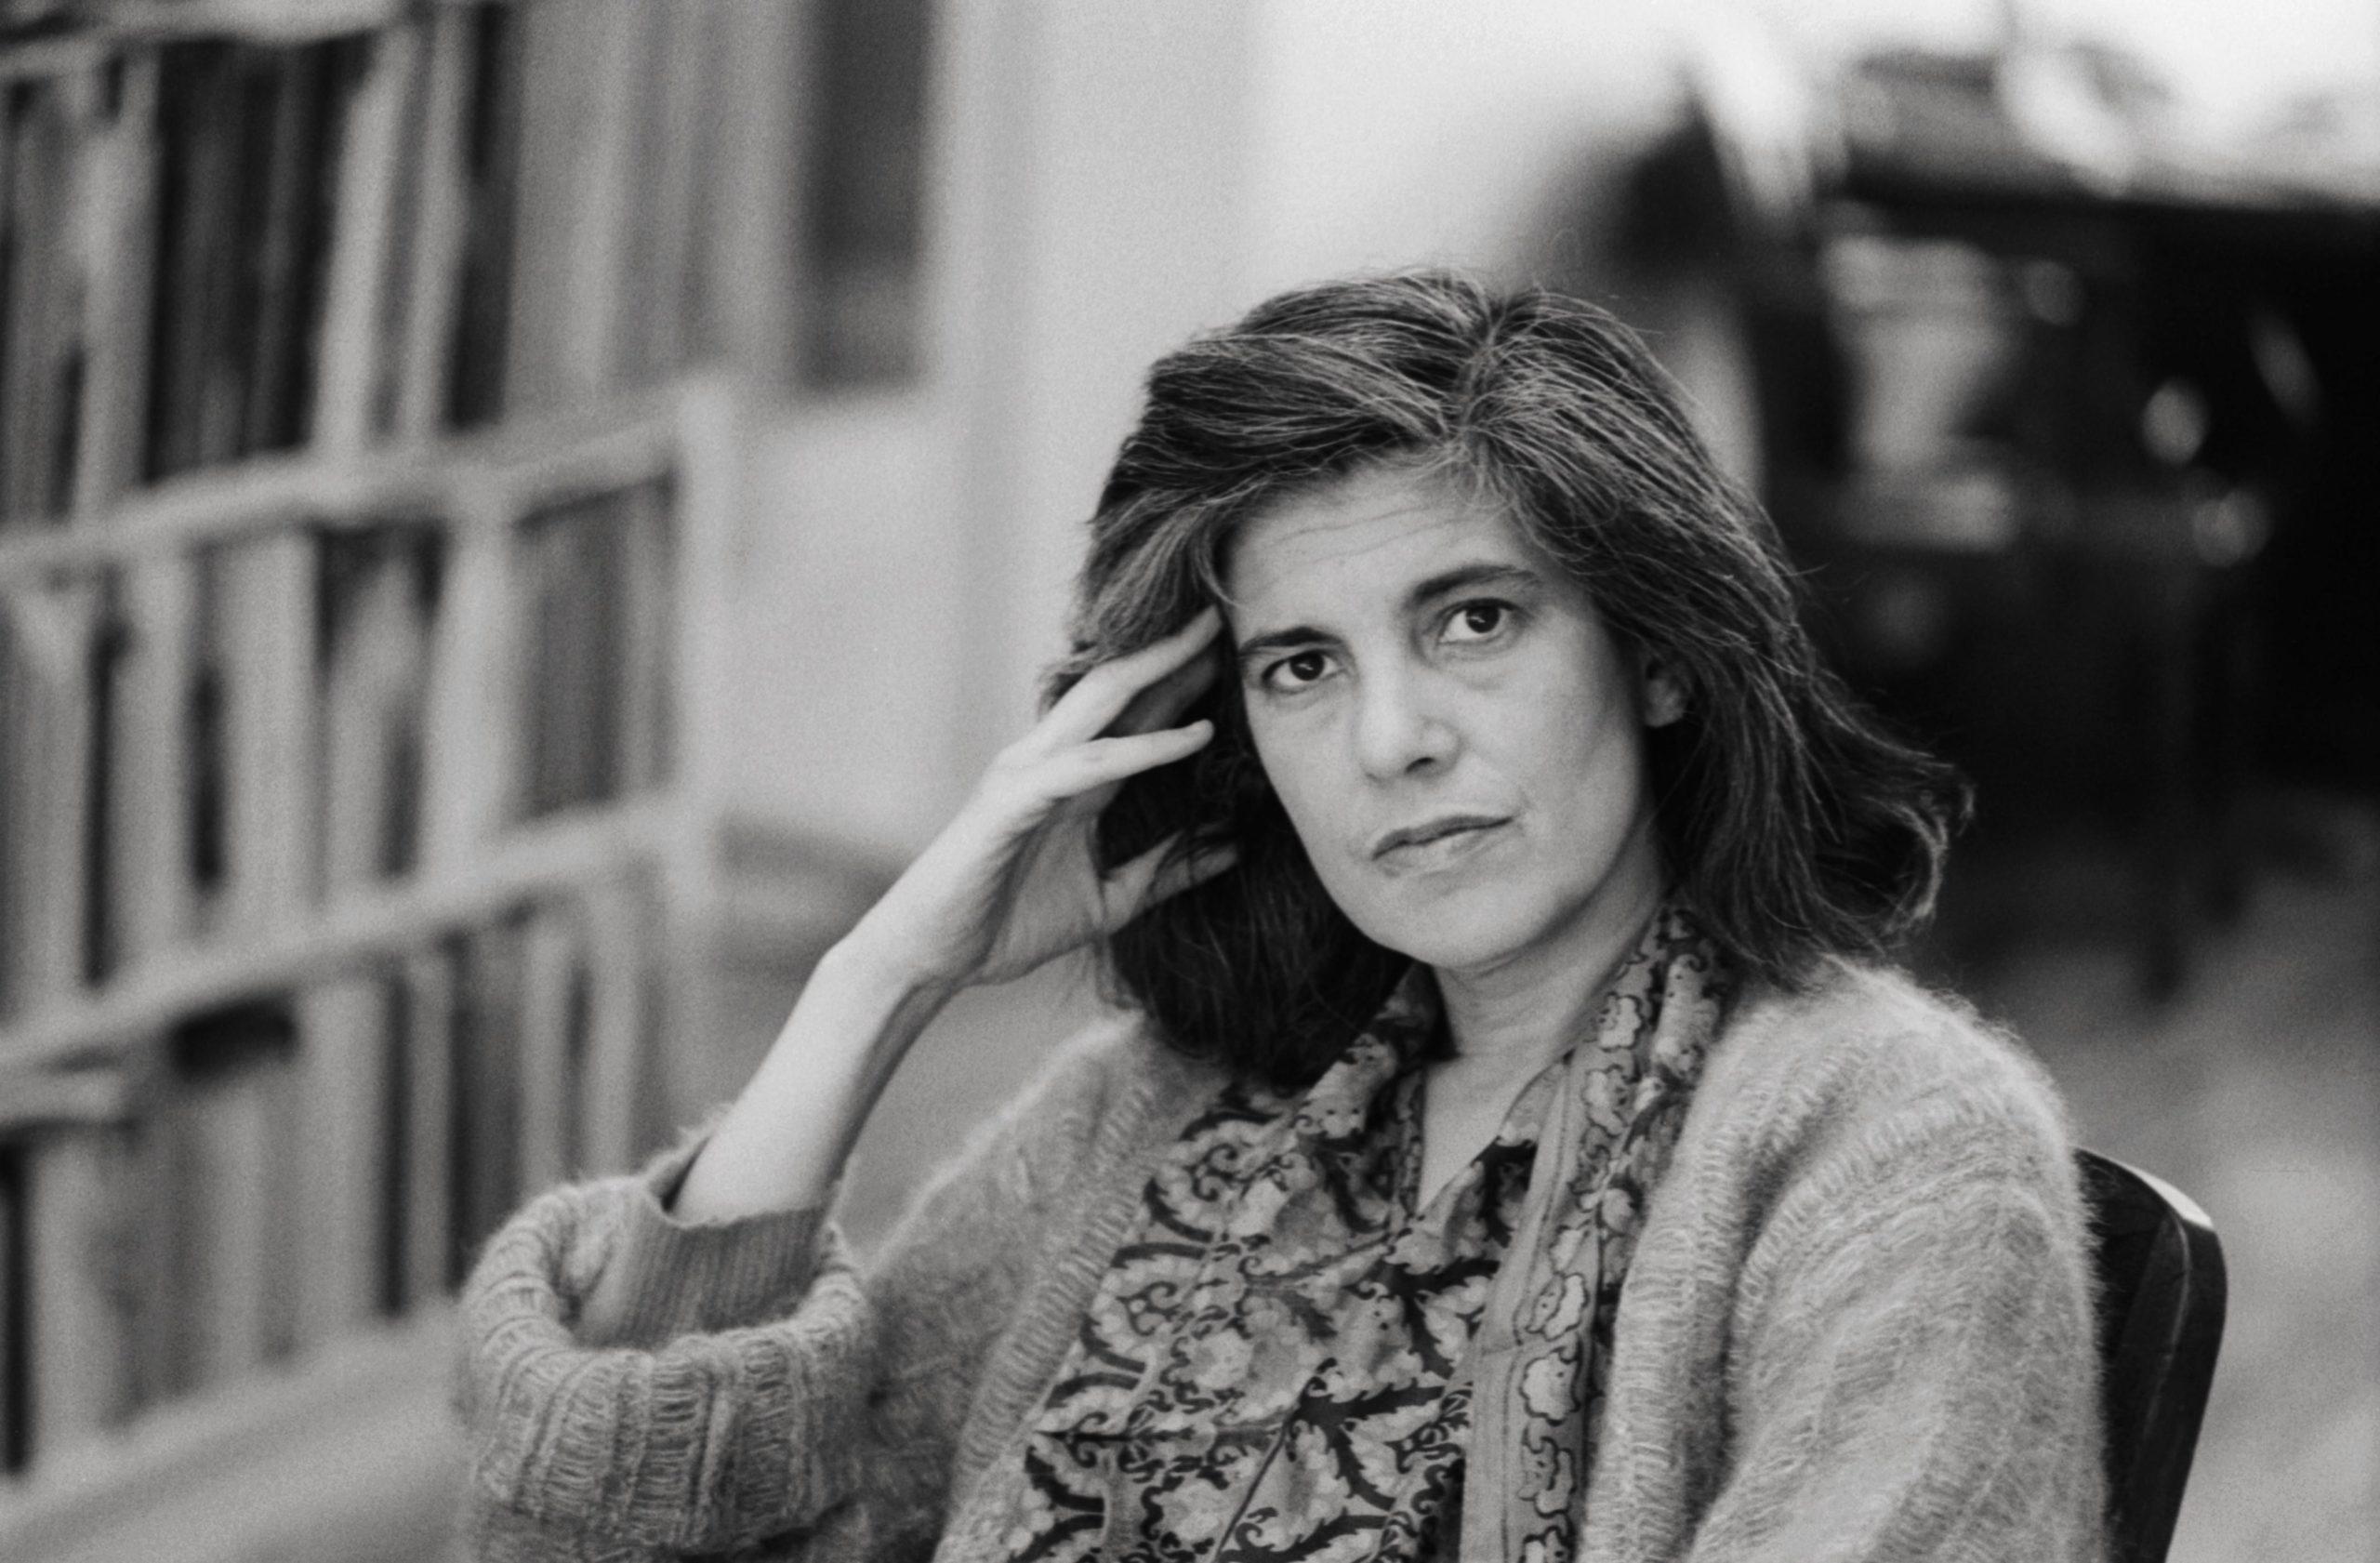 Portrait de la romancière américaine Susan Sontag.